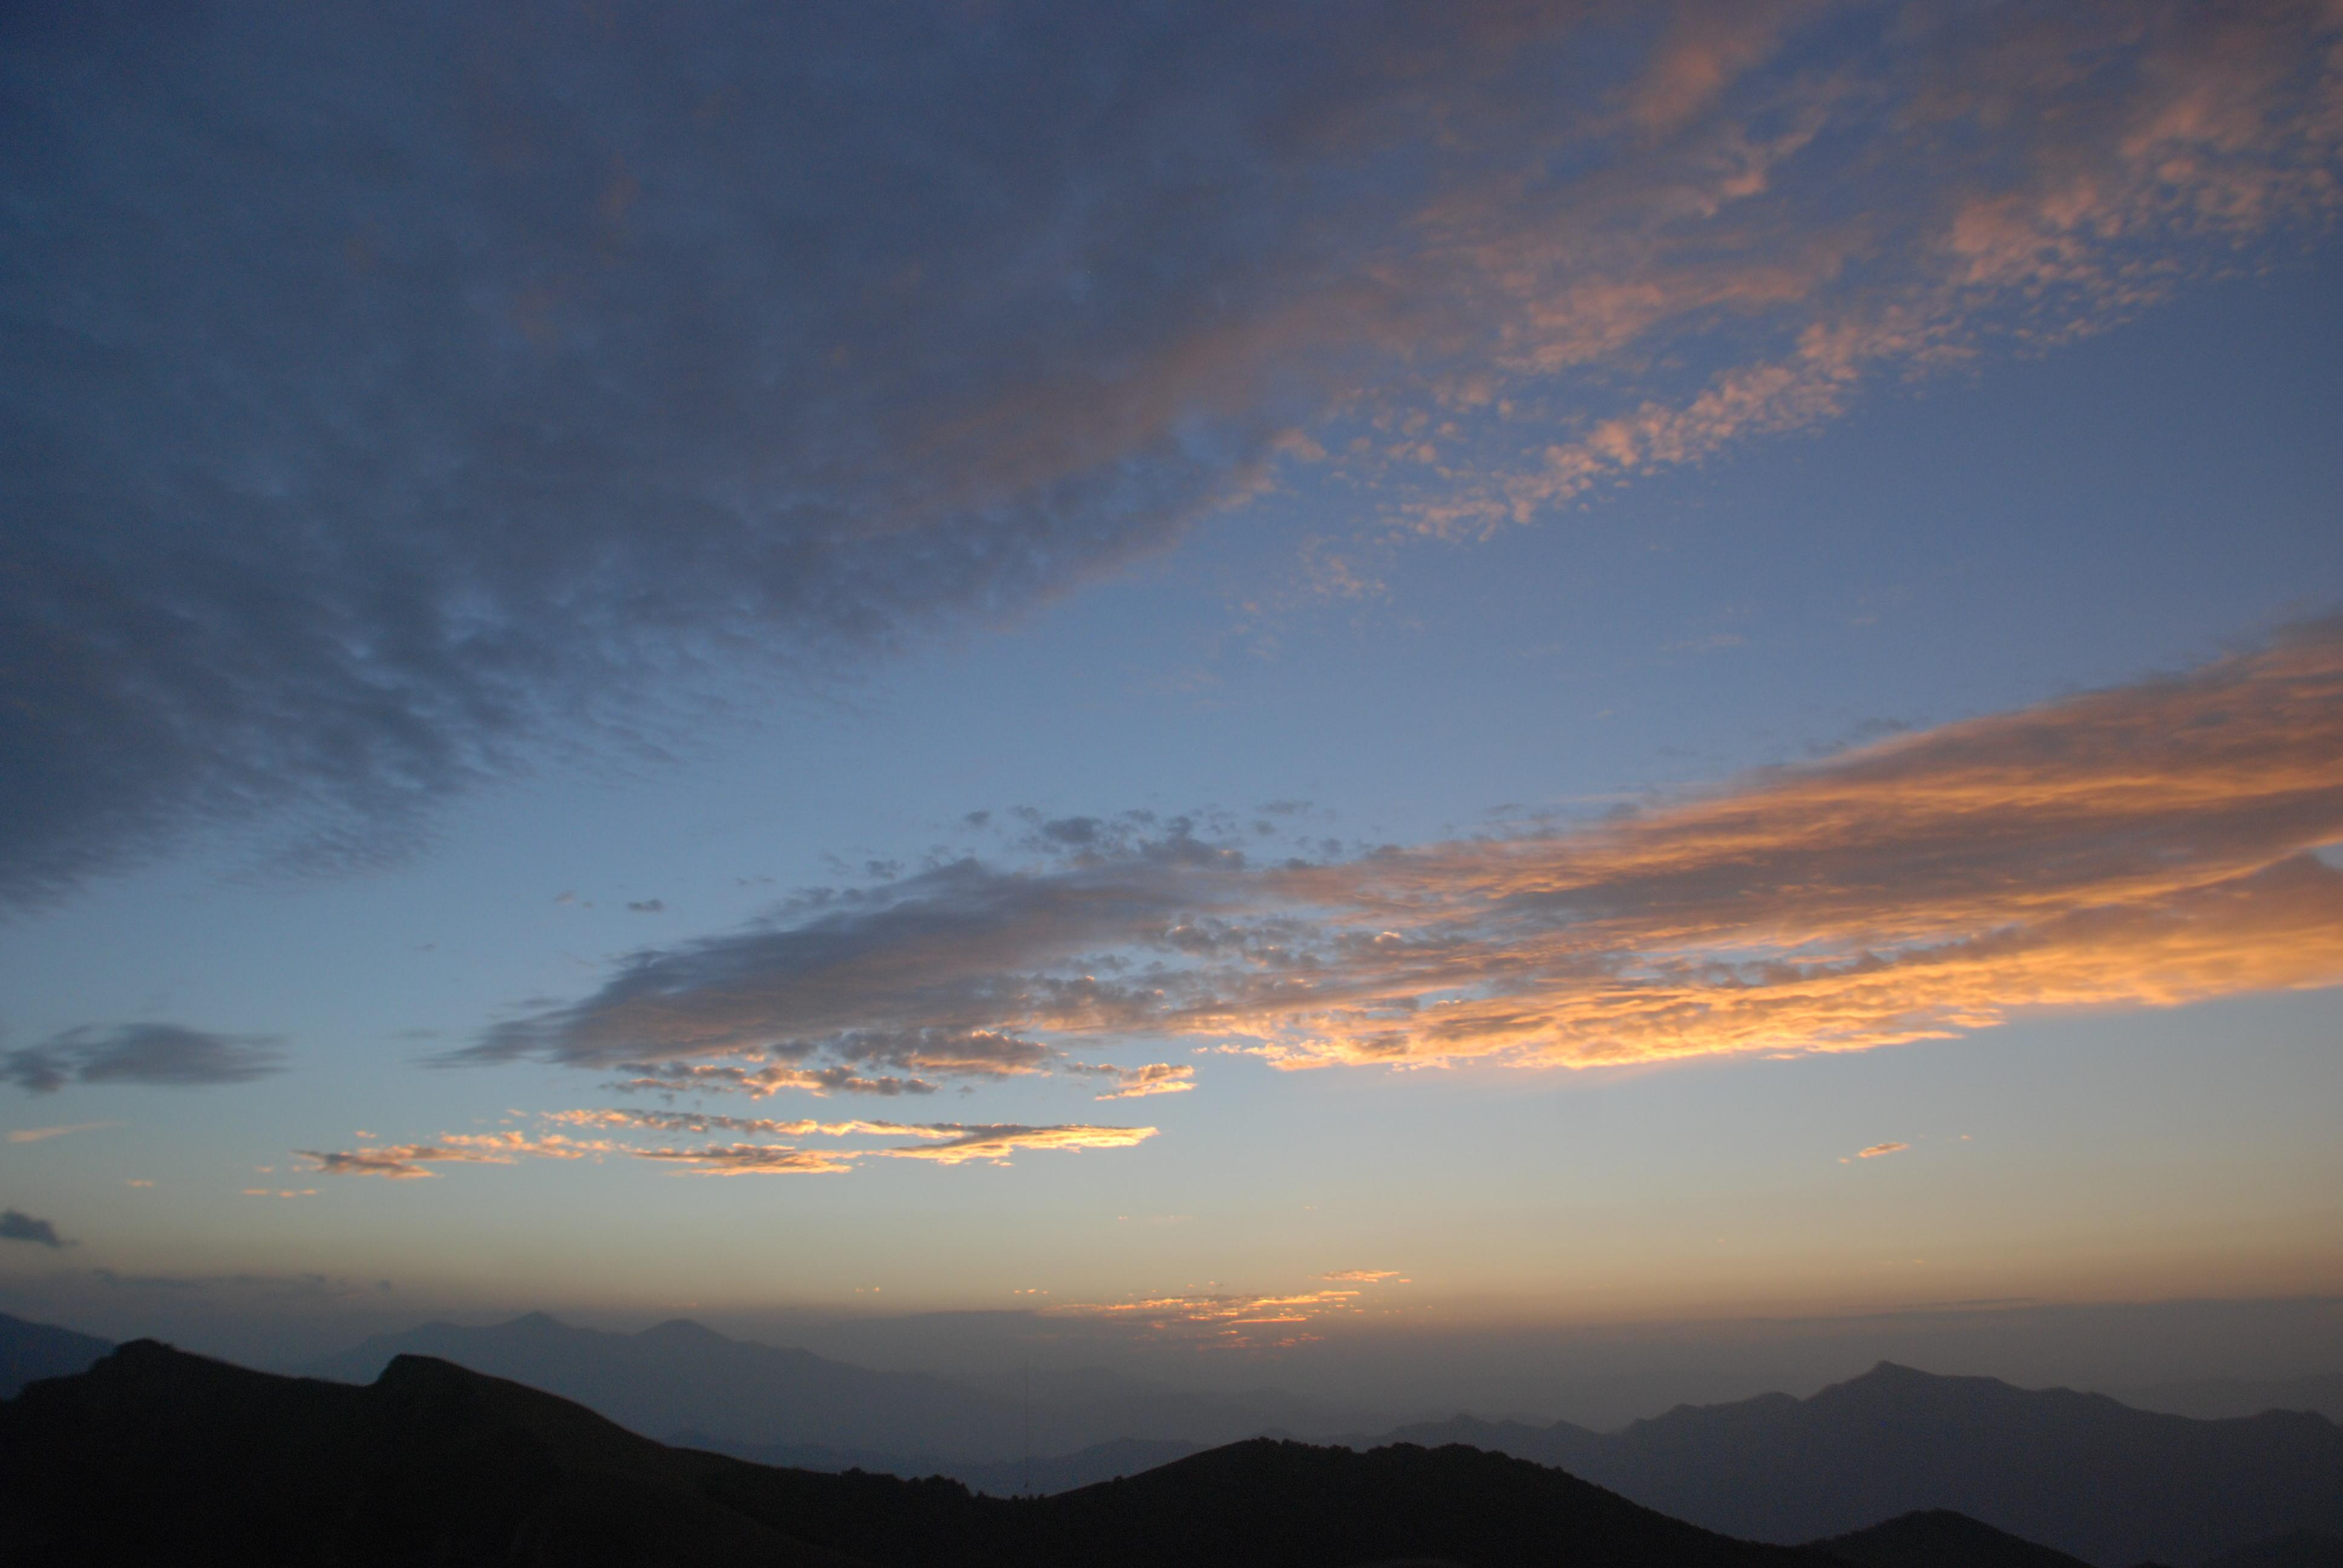 背景 壁纸 风景 气候 气象 天空 桌面 3872_2592